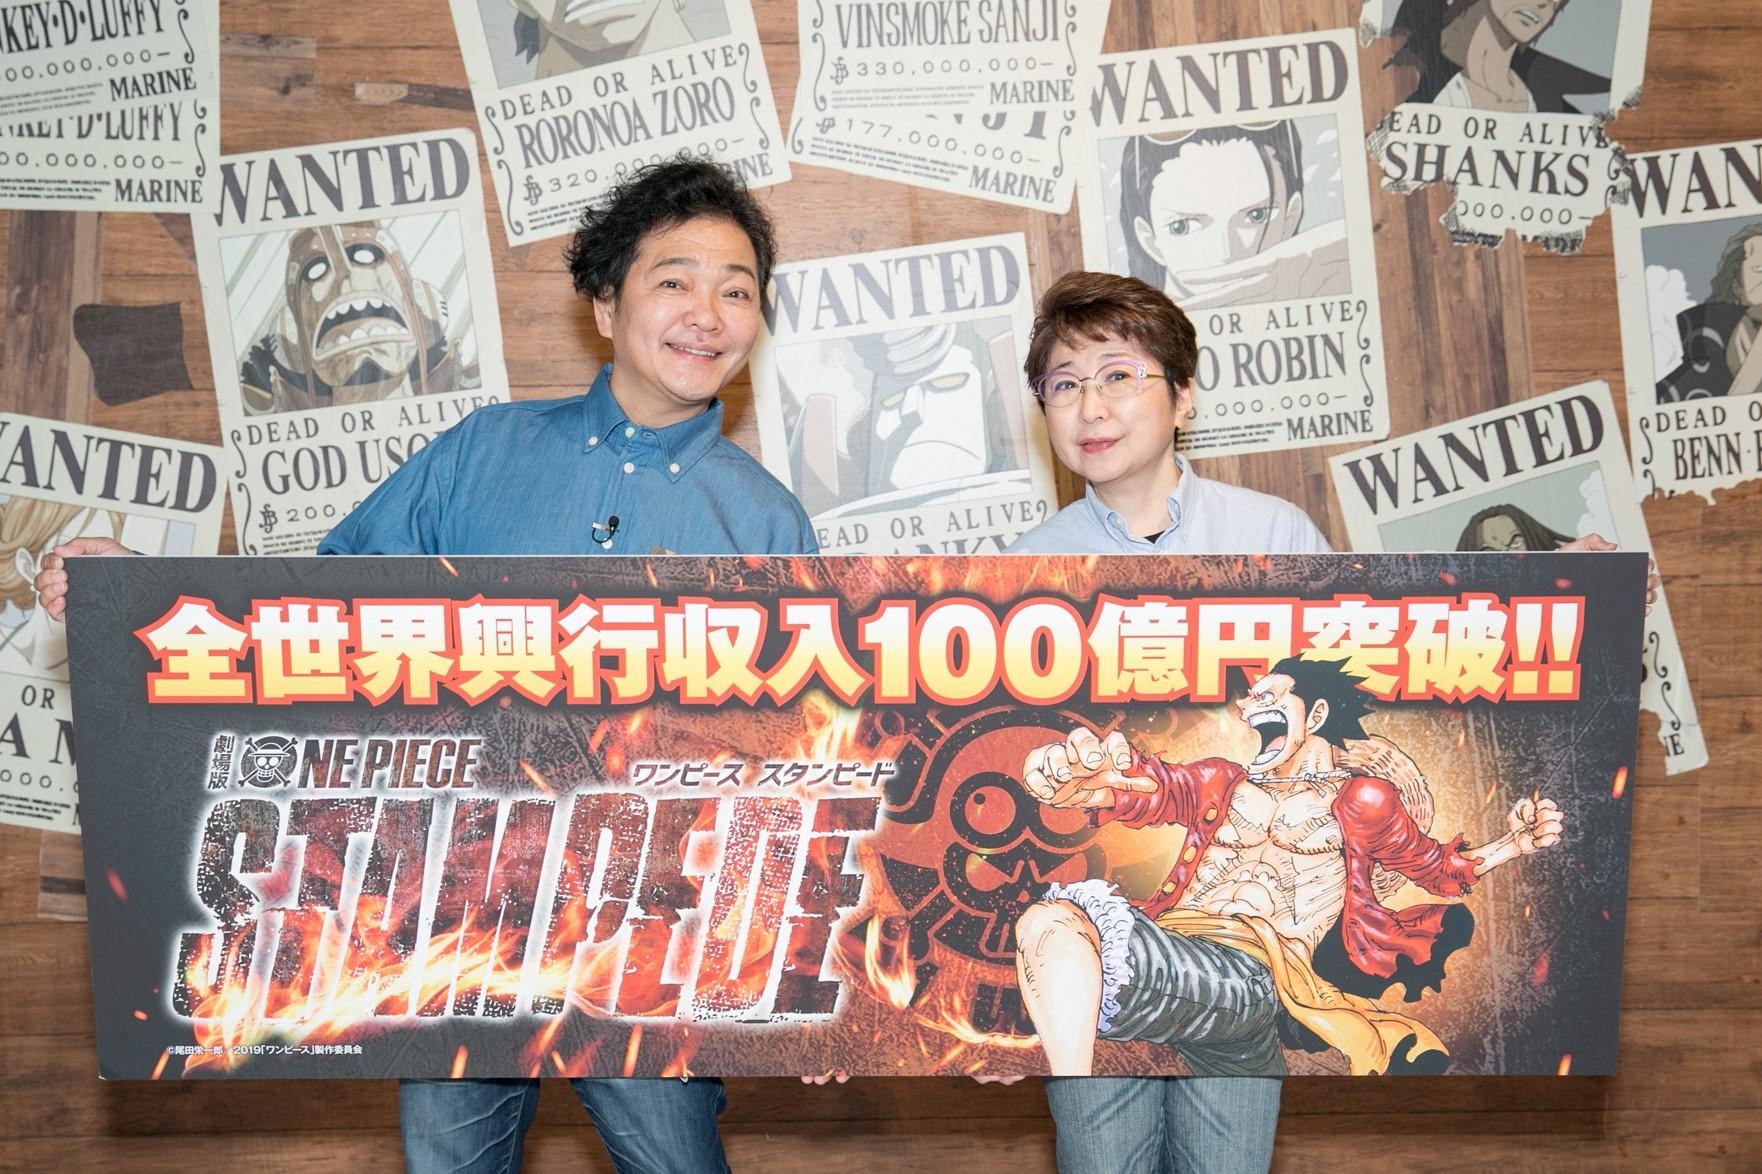 左から、山口勝平、野沢雅子 (c)尾田栄⼀郎/2019「ワンピース」製作委員会